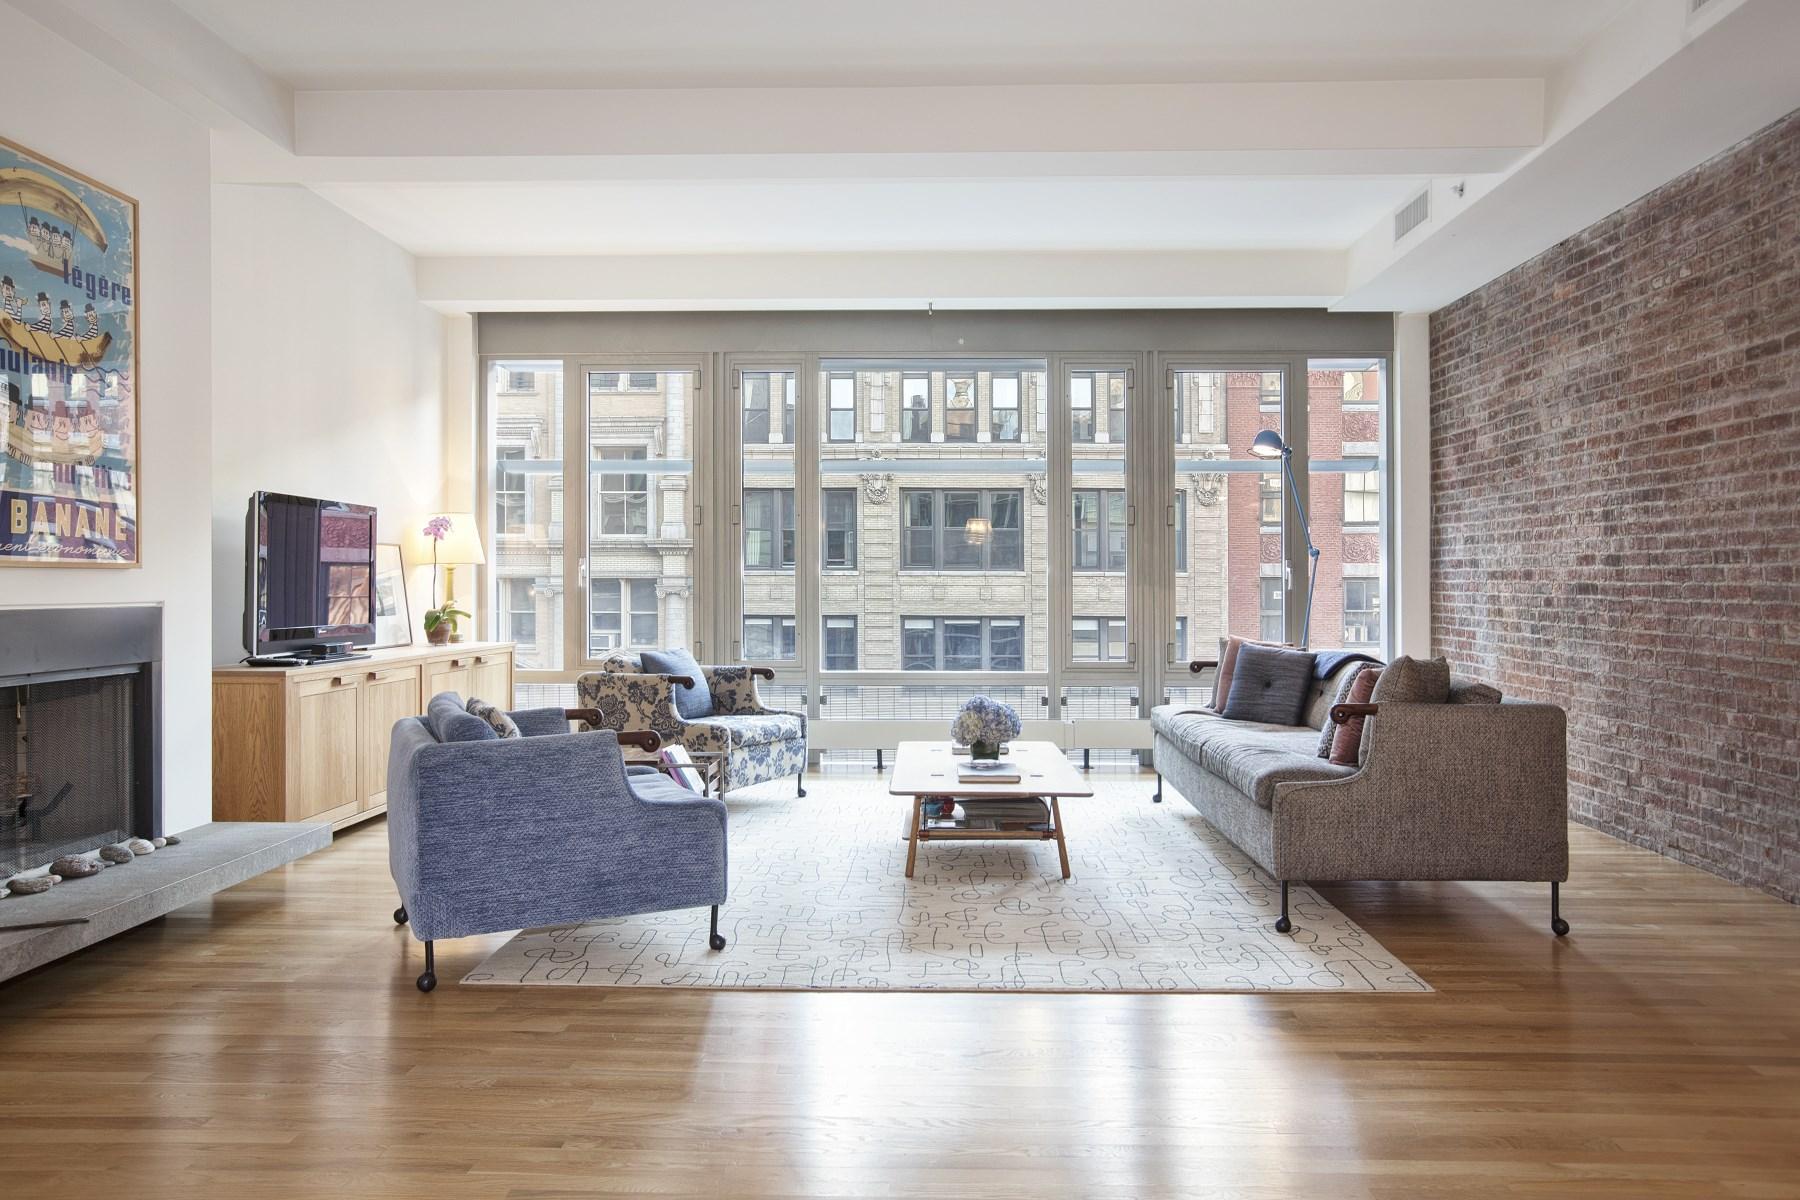 Condominium for Sale at 116 Hudson Street, 5th Floor 116 Hudson Street 5th Floor Tribeca, New York, New York, 10013 United States